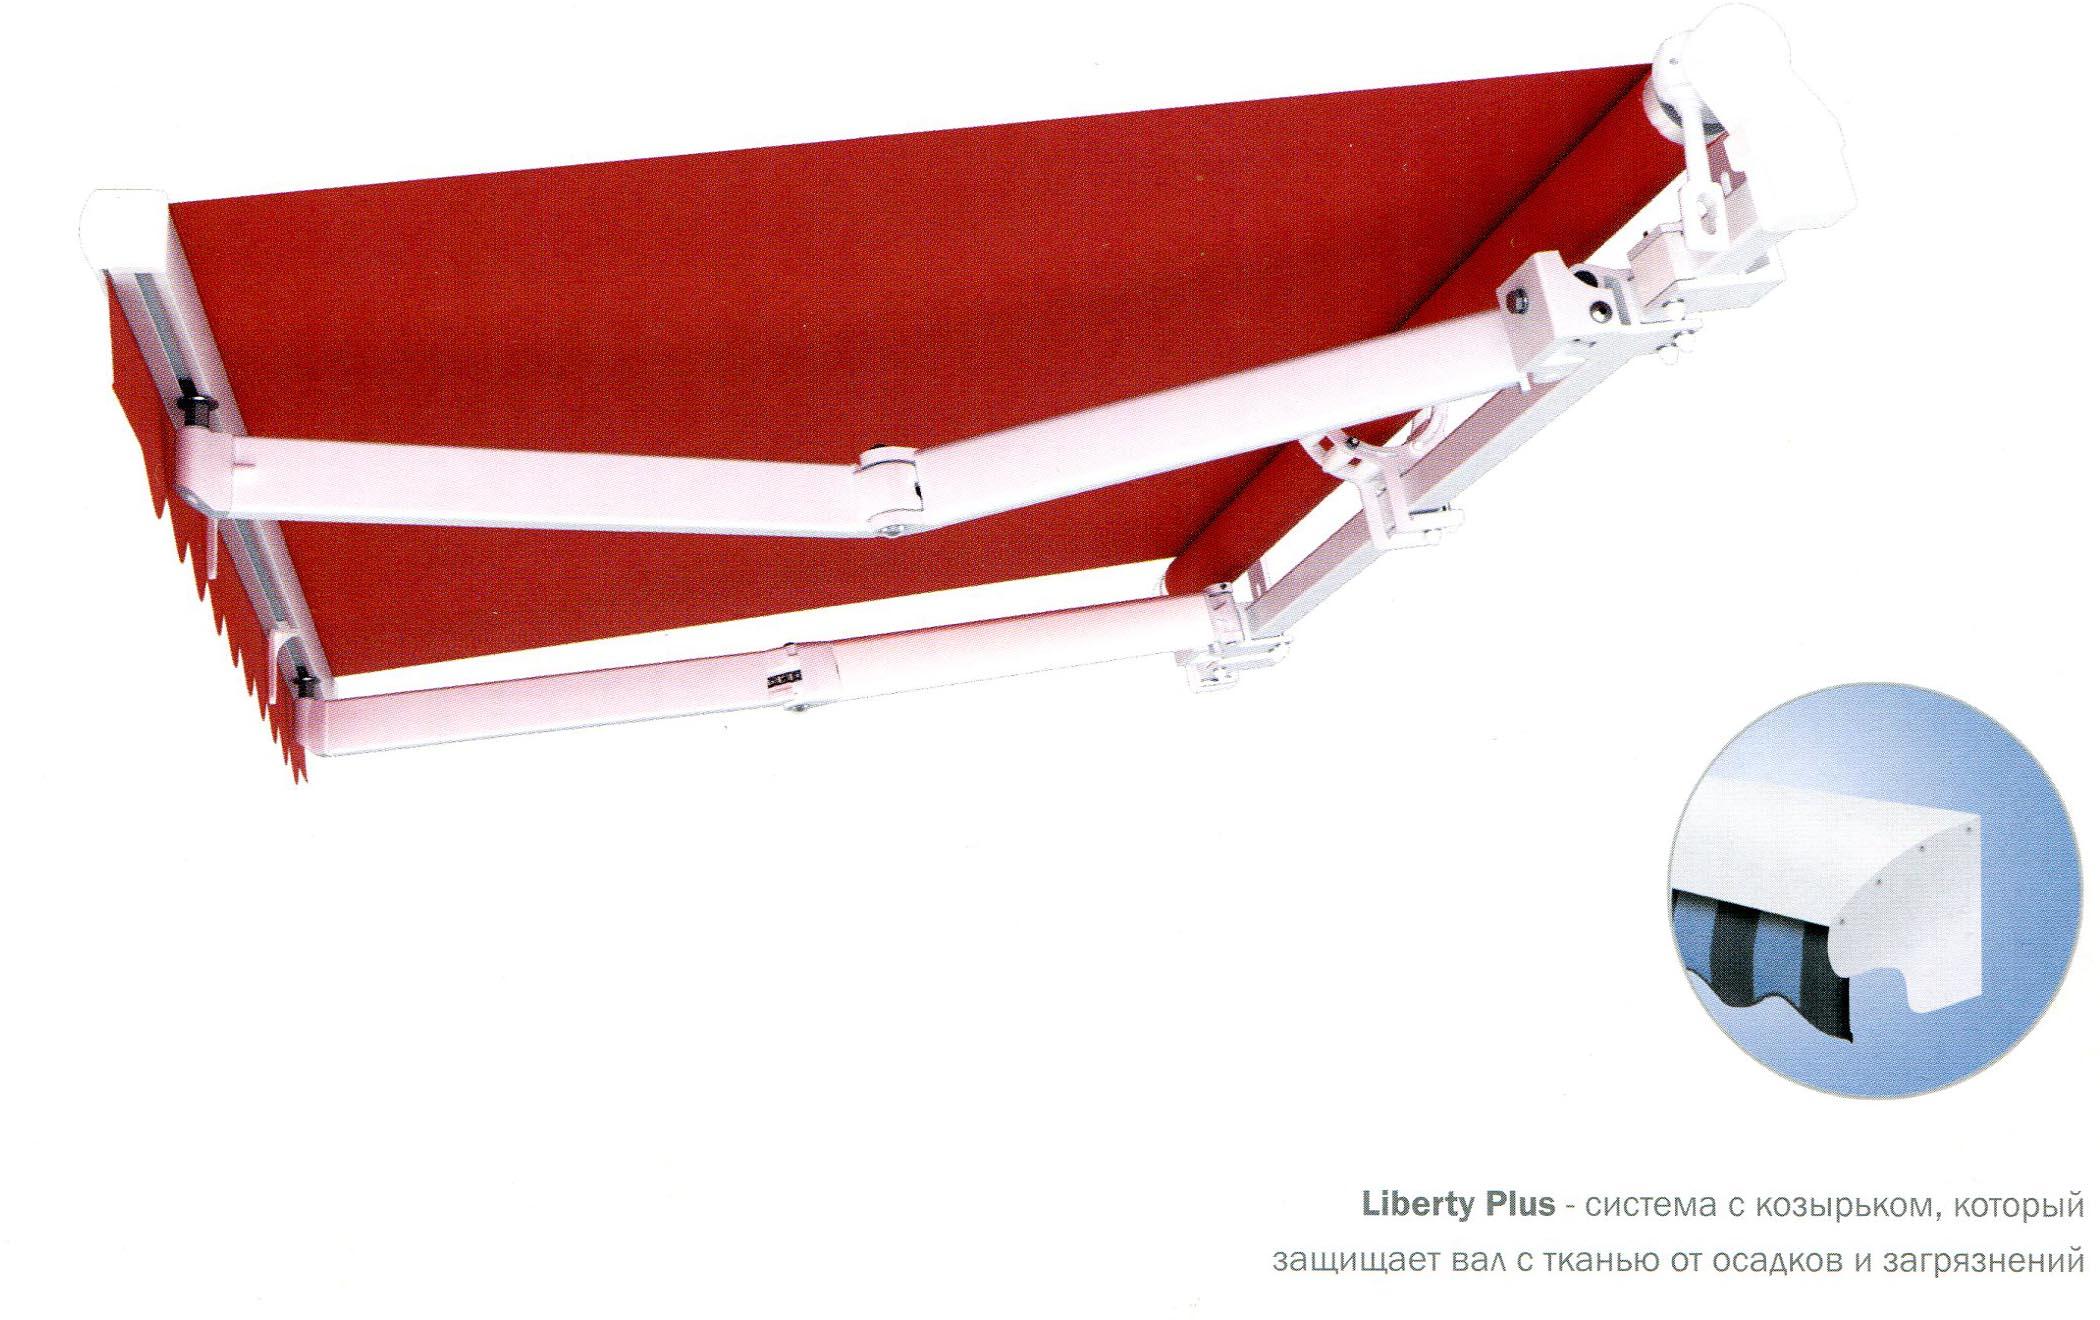 открытая горизонтальная маркиза Liberty